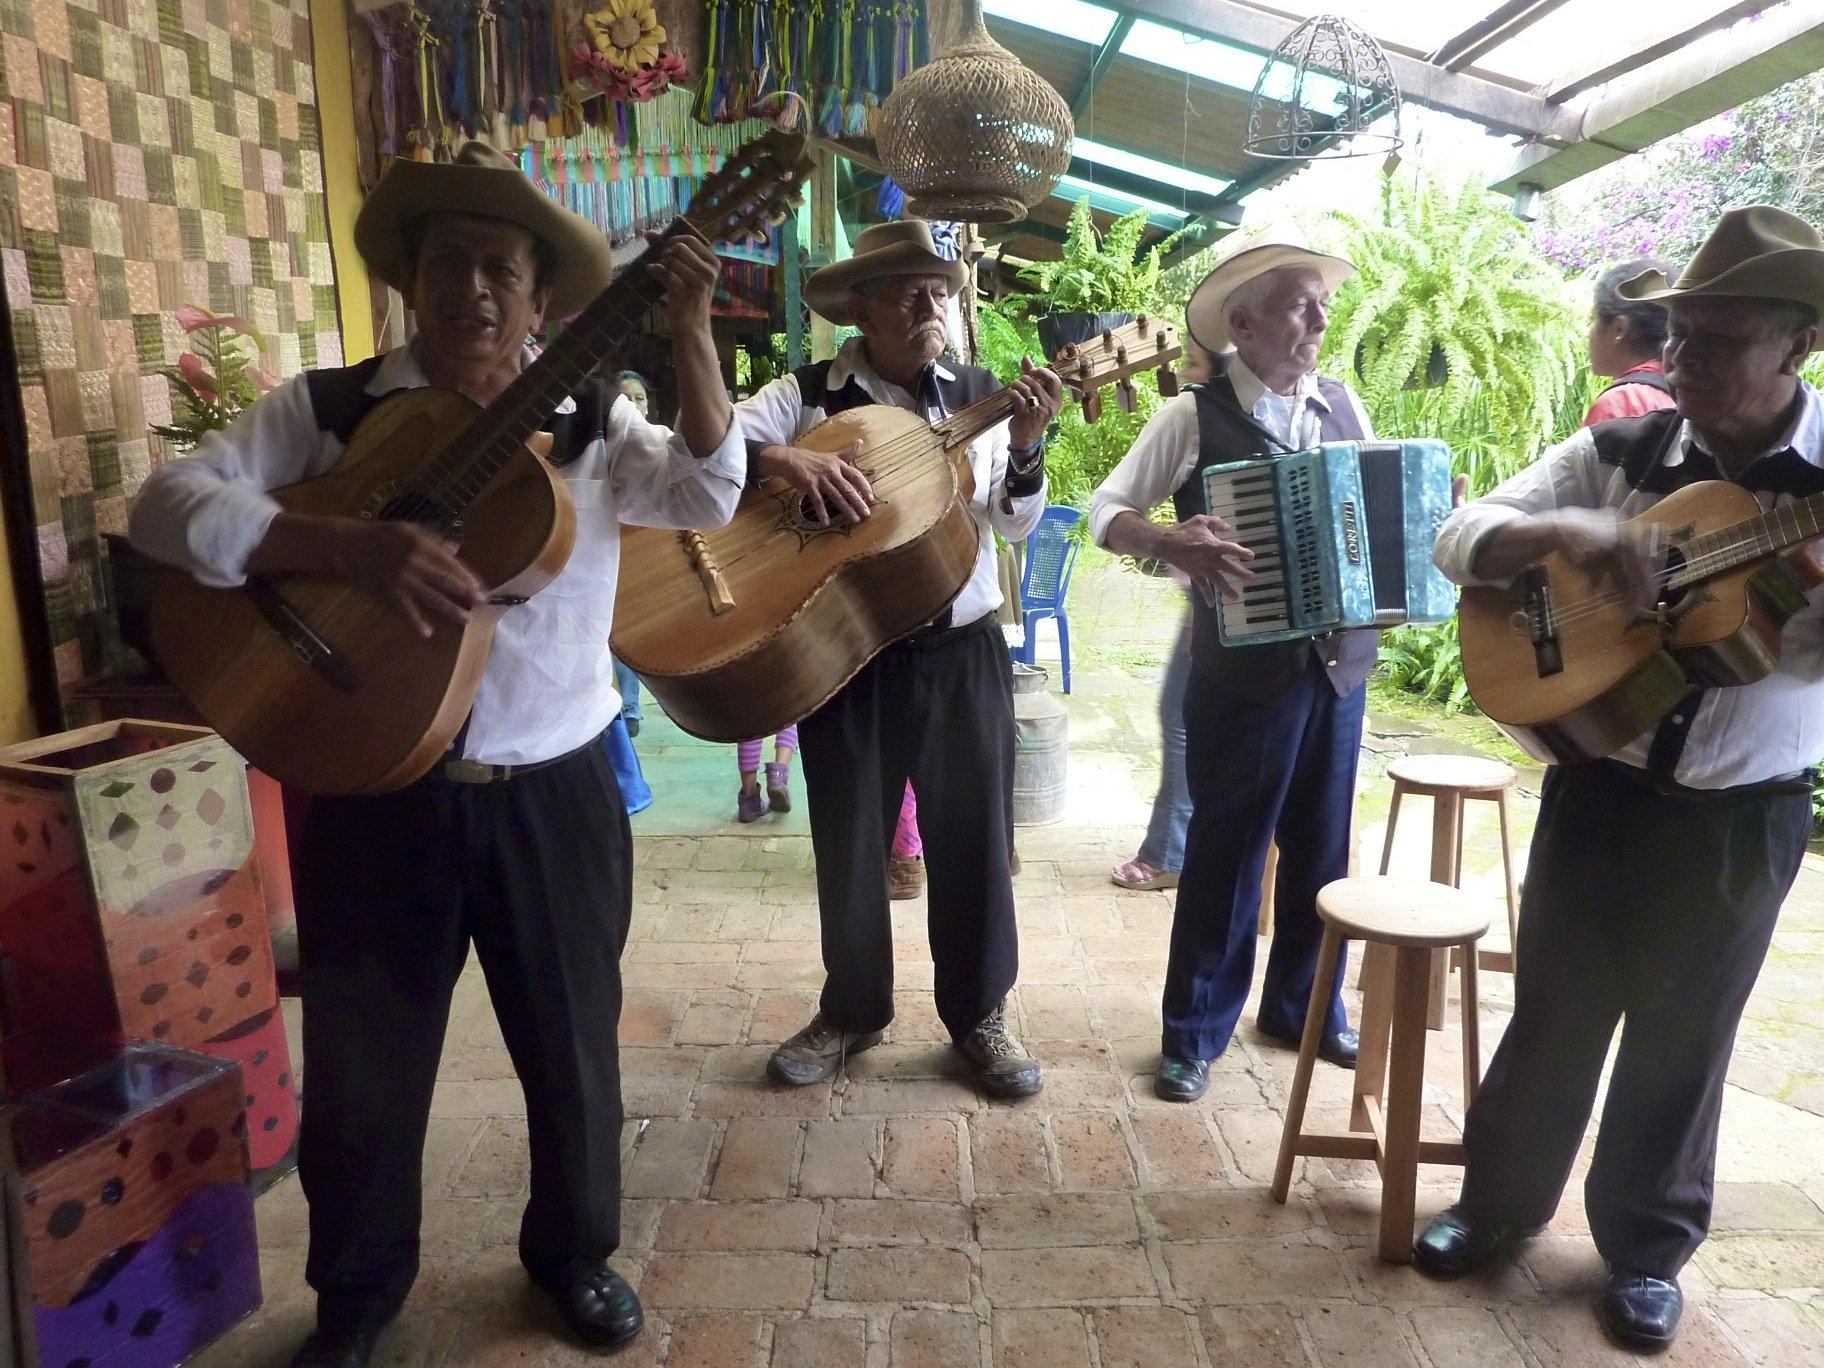 El Salvador Musicians